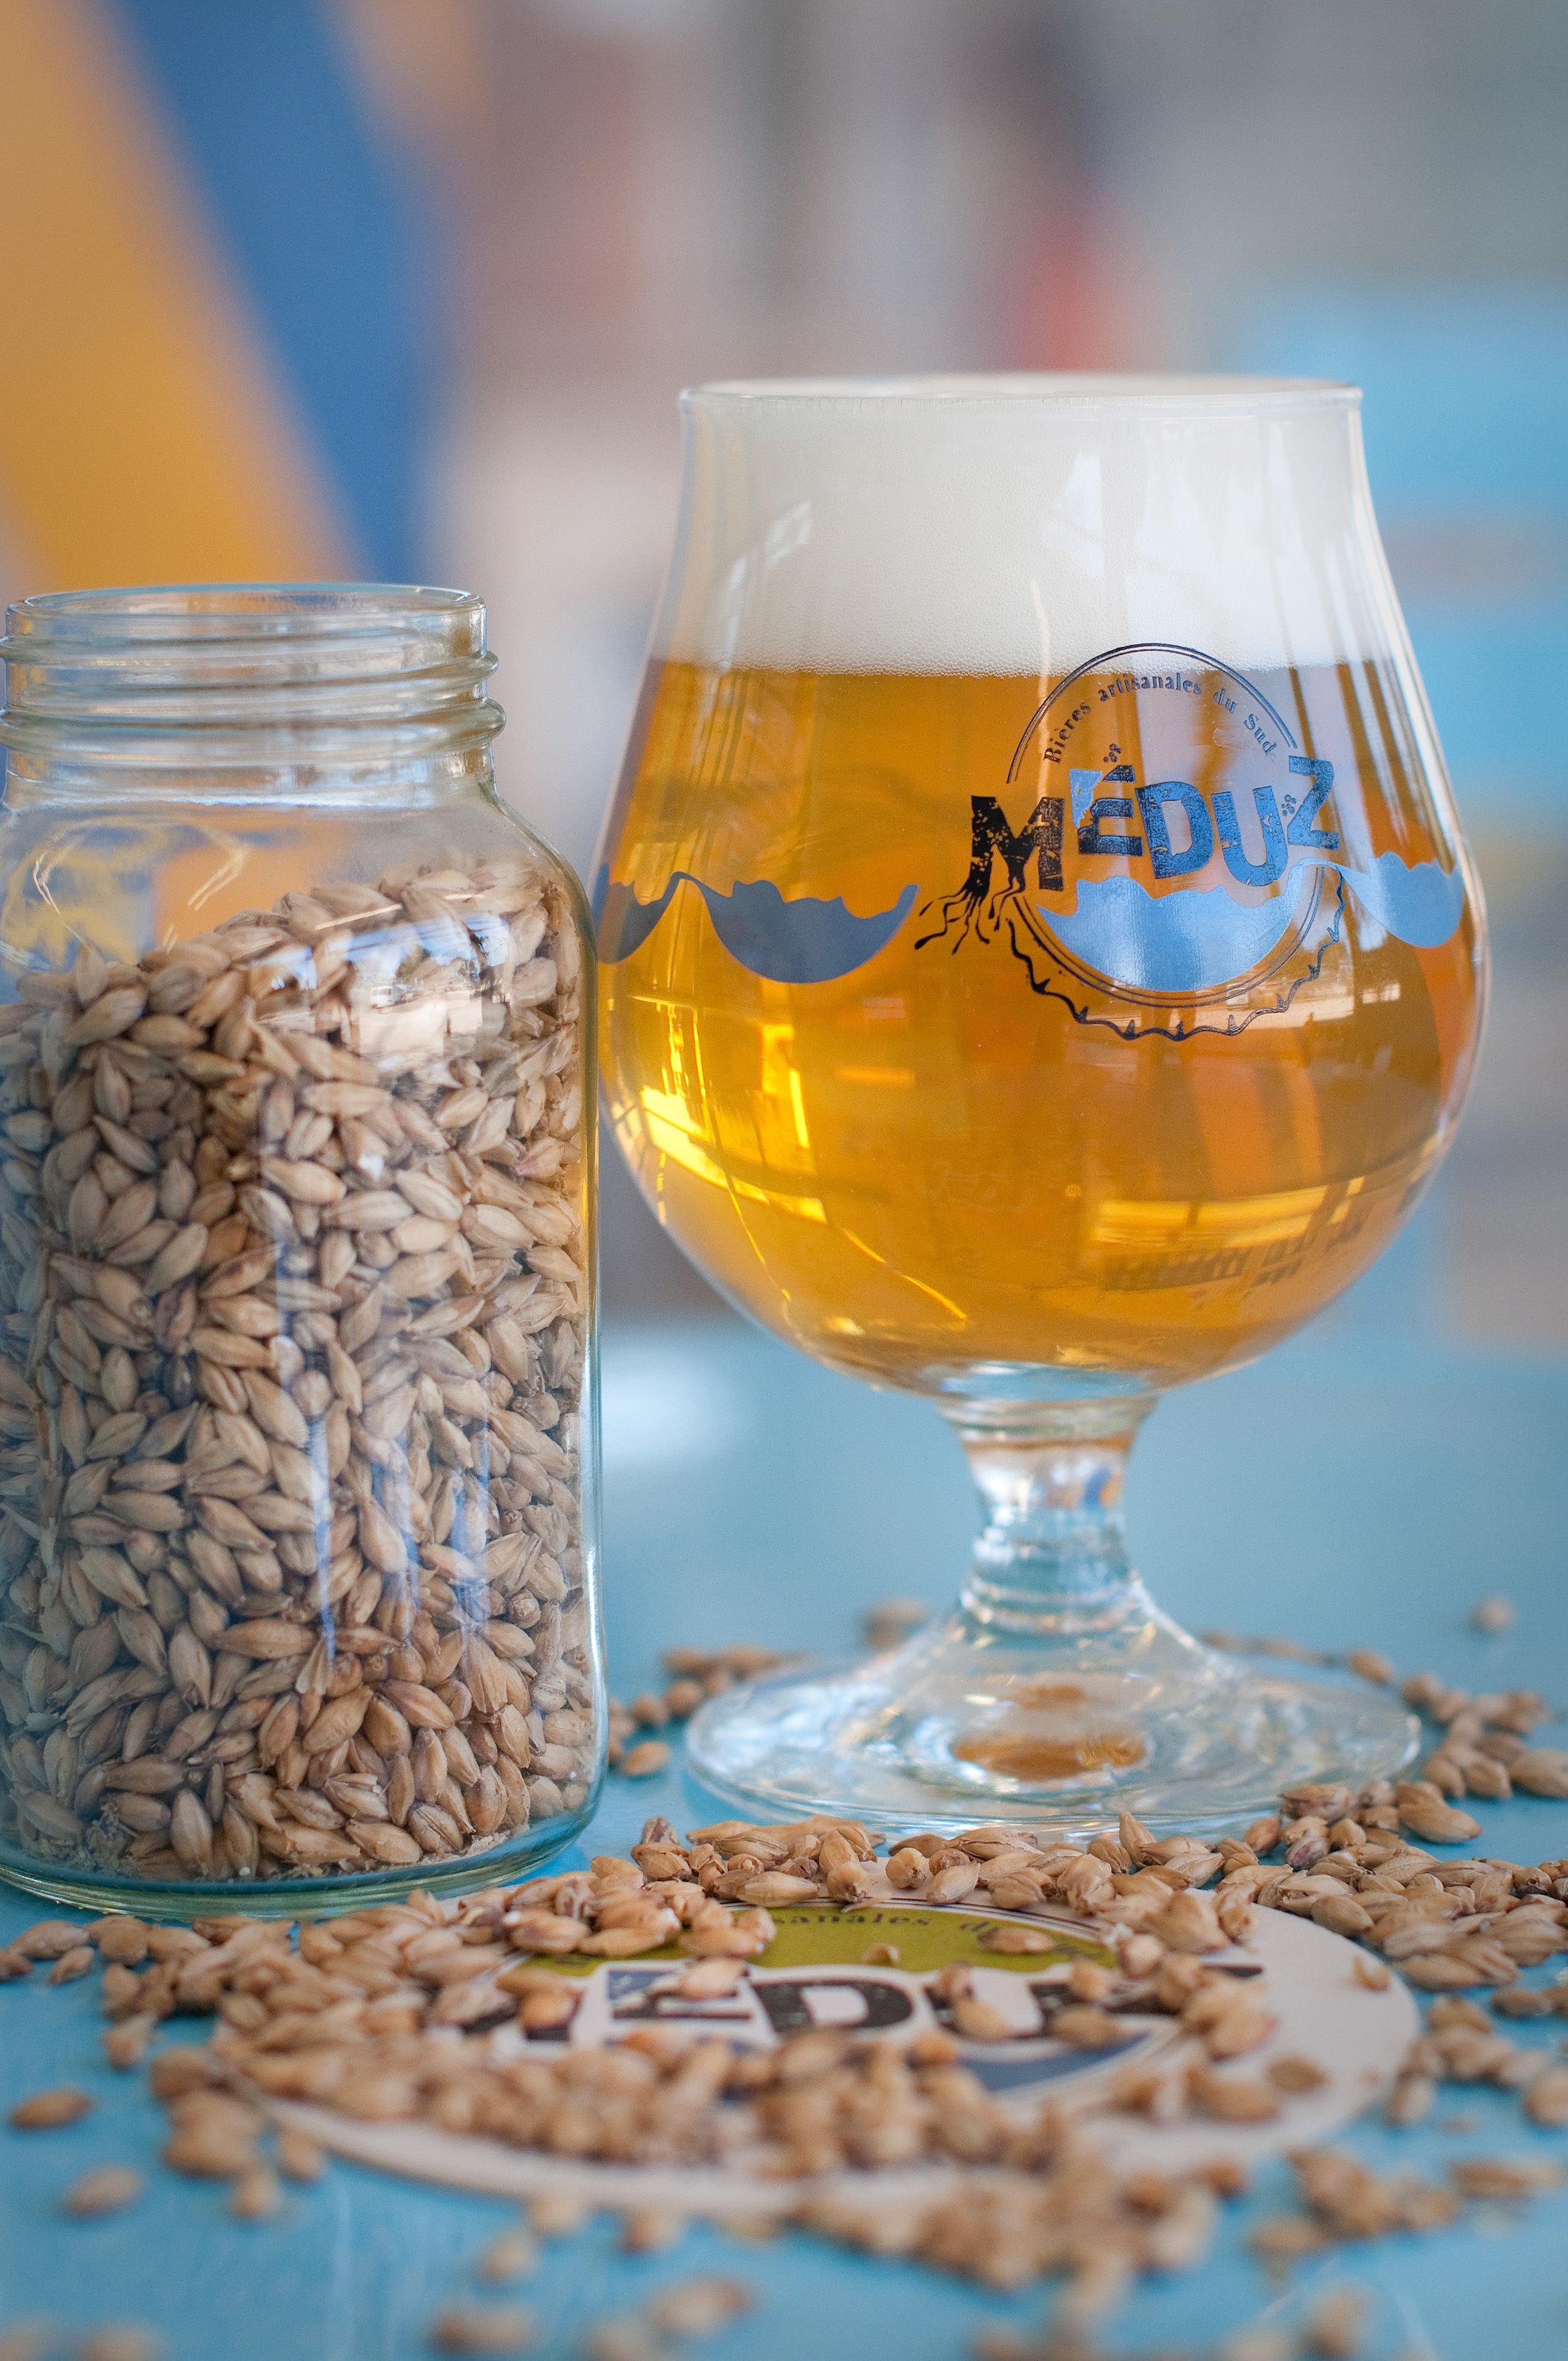 Meduz Malt et bière artisanale